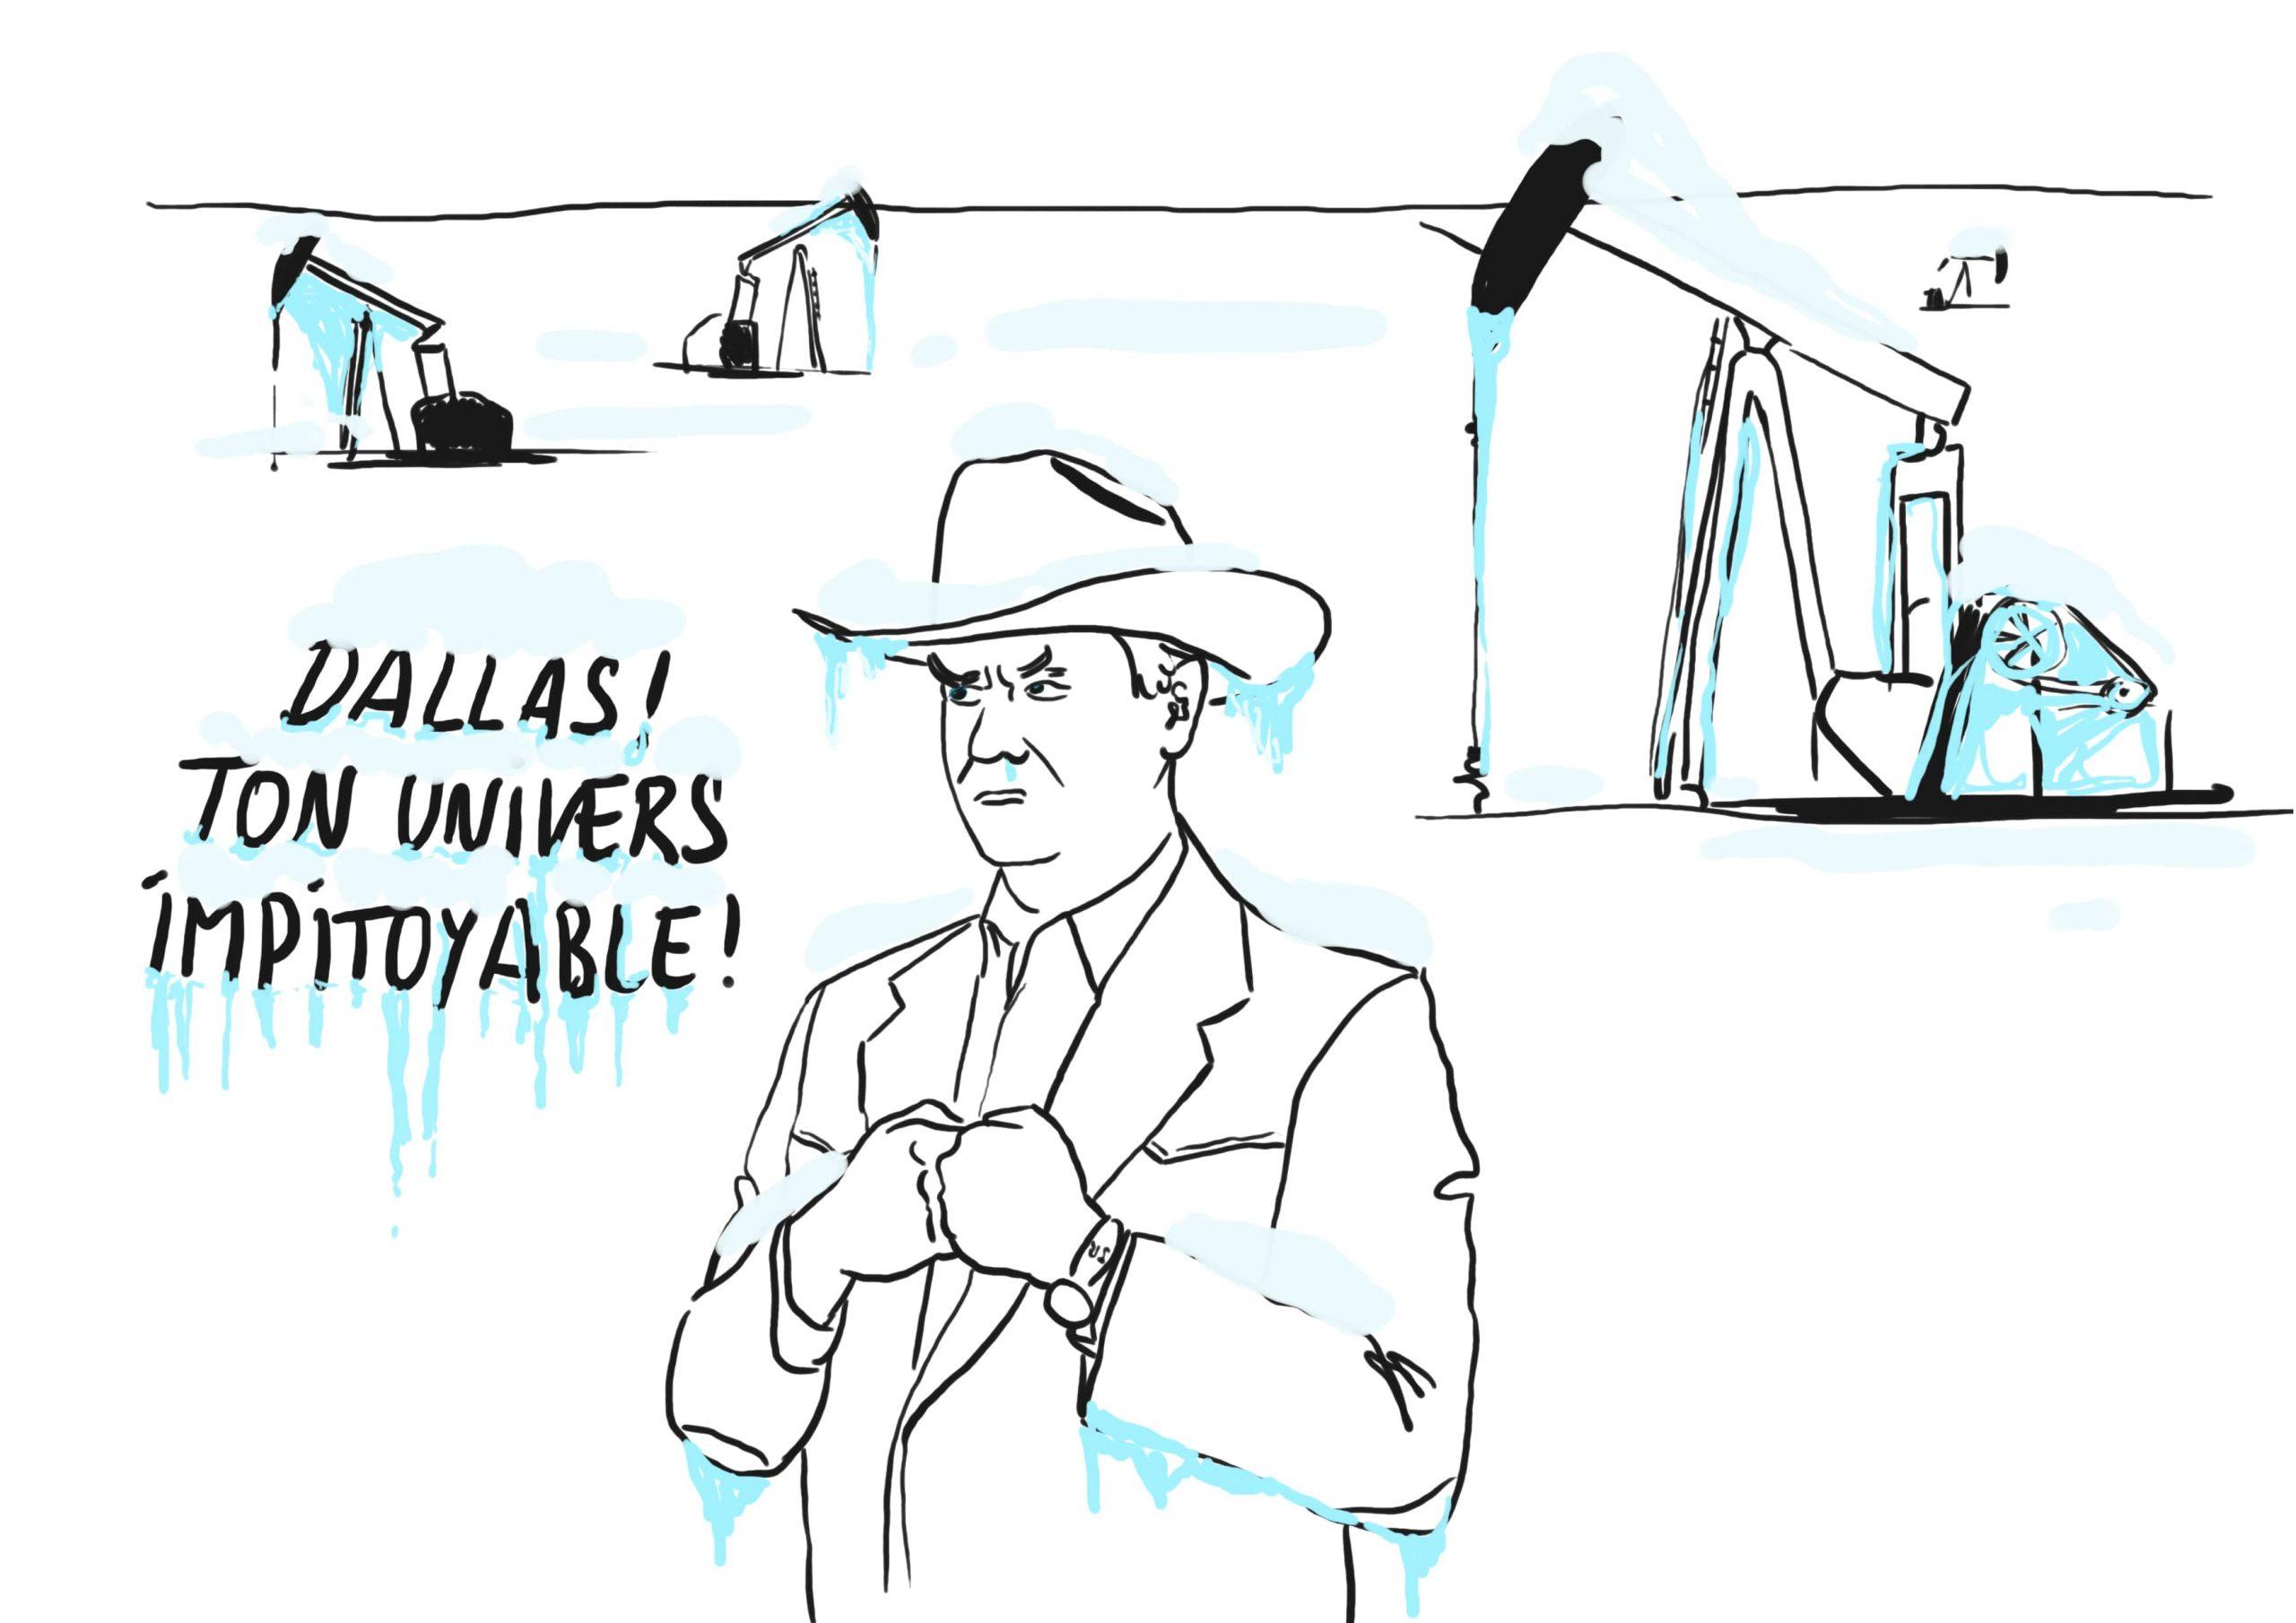 Pétrole : la vague de froid au Texas gèle les puits, pas le prix du baril